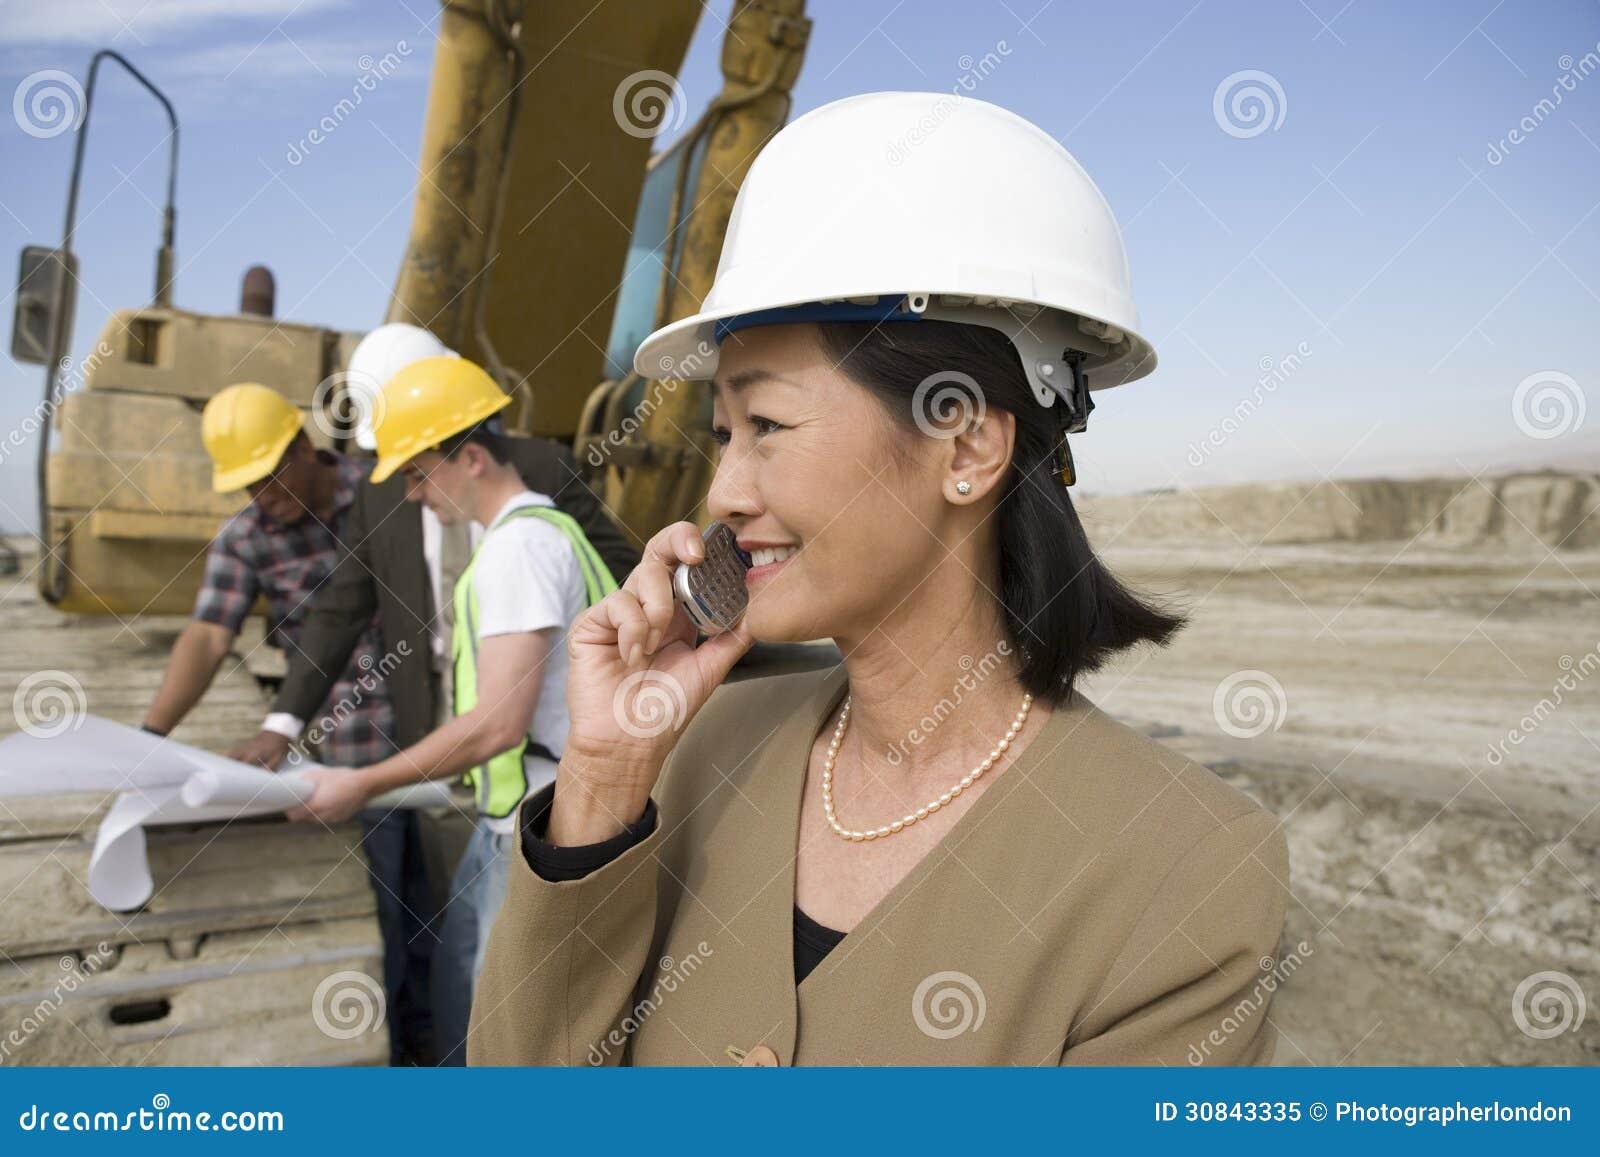 Topógrafo en el casco de protección en Front Of Workers Using Cellphone en sitio